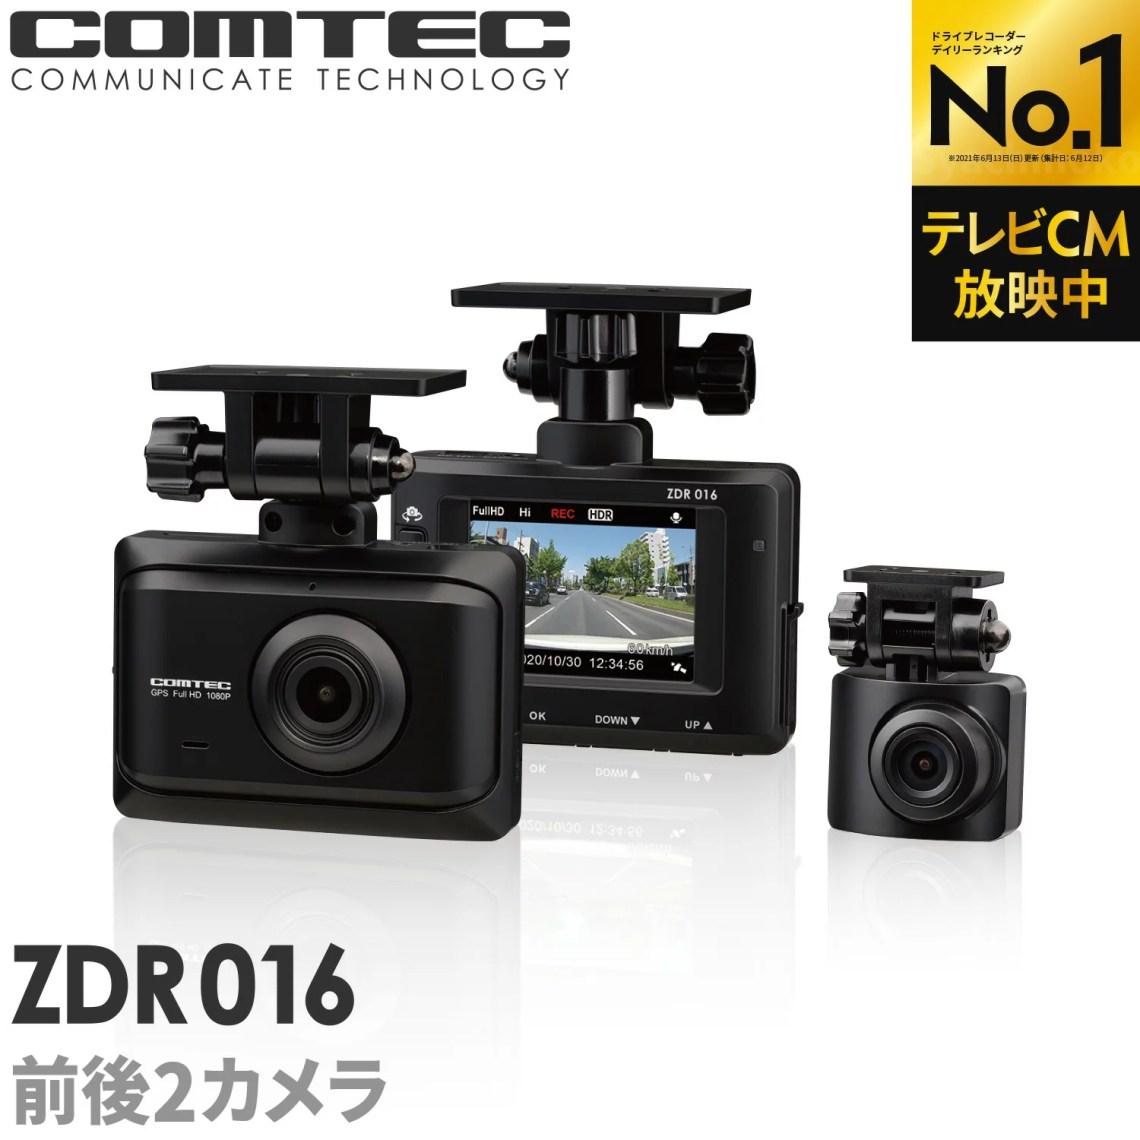 ドライブレコーダーランキング1位 前後2カメラ コムテック ZDR016 ノイズ対策済 フルHD高画